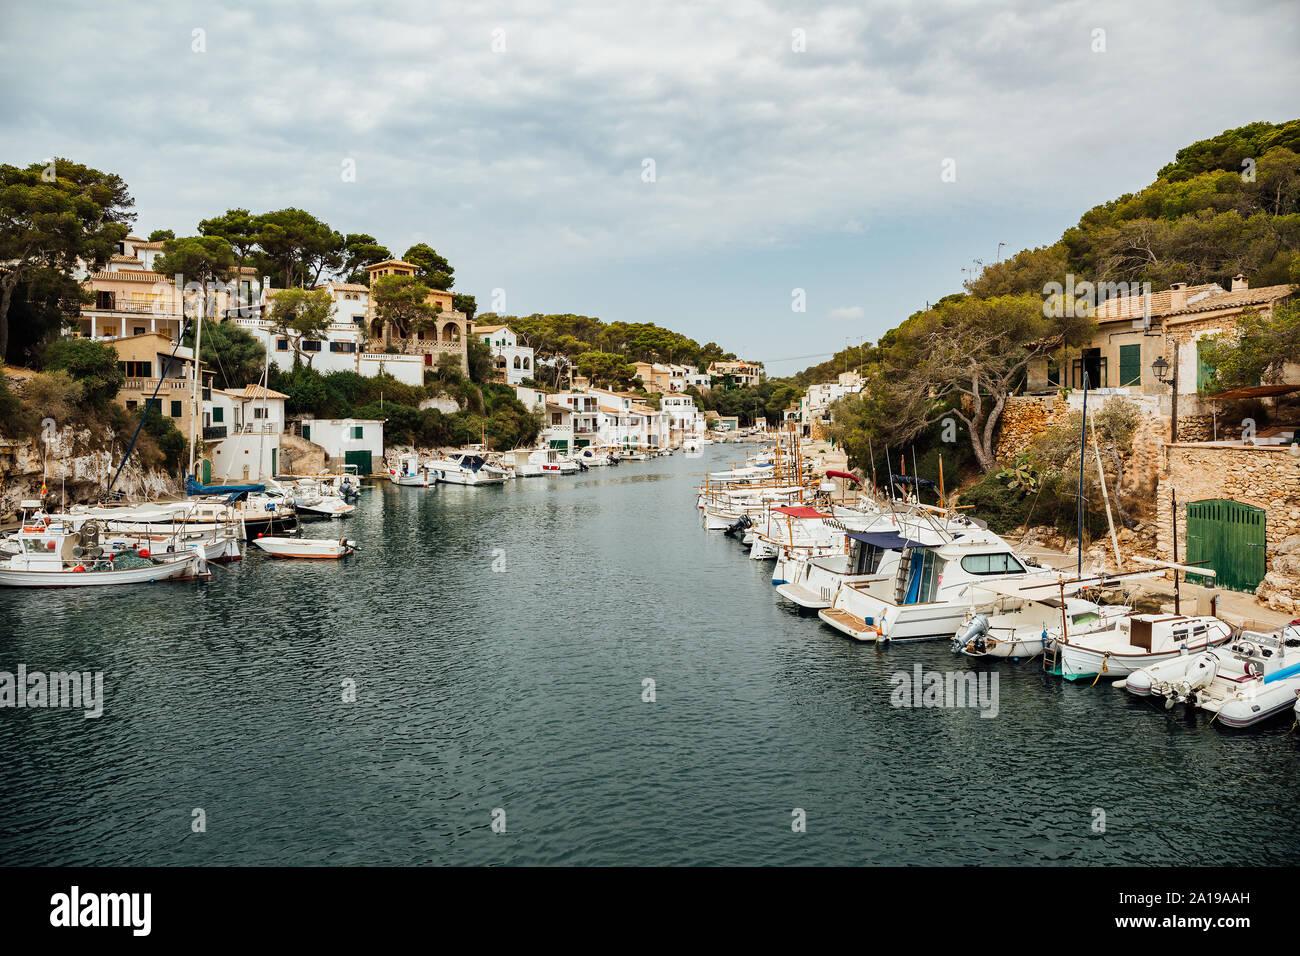 Le vieux village de pêcheurs du port de Cala Figuera, Majorque, Espagne. Banque D'Images